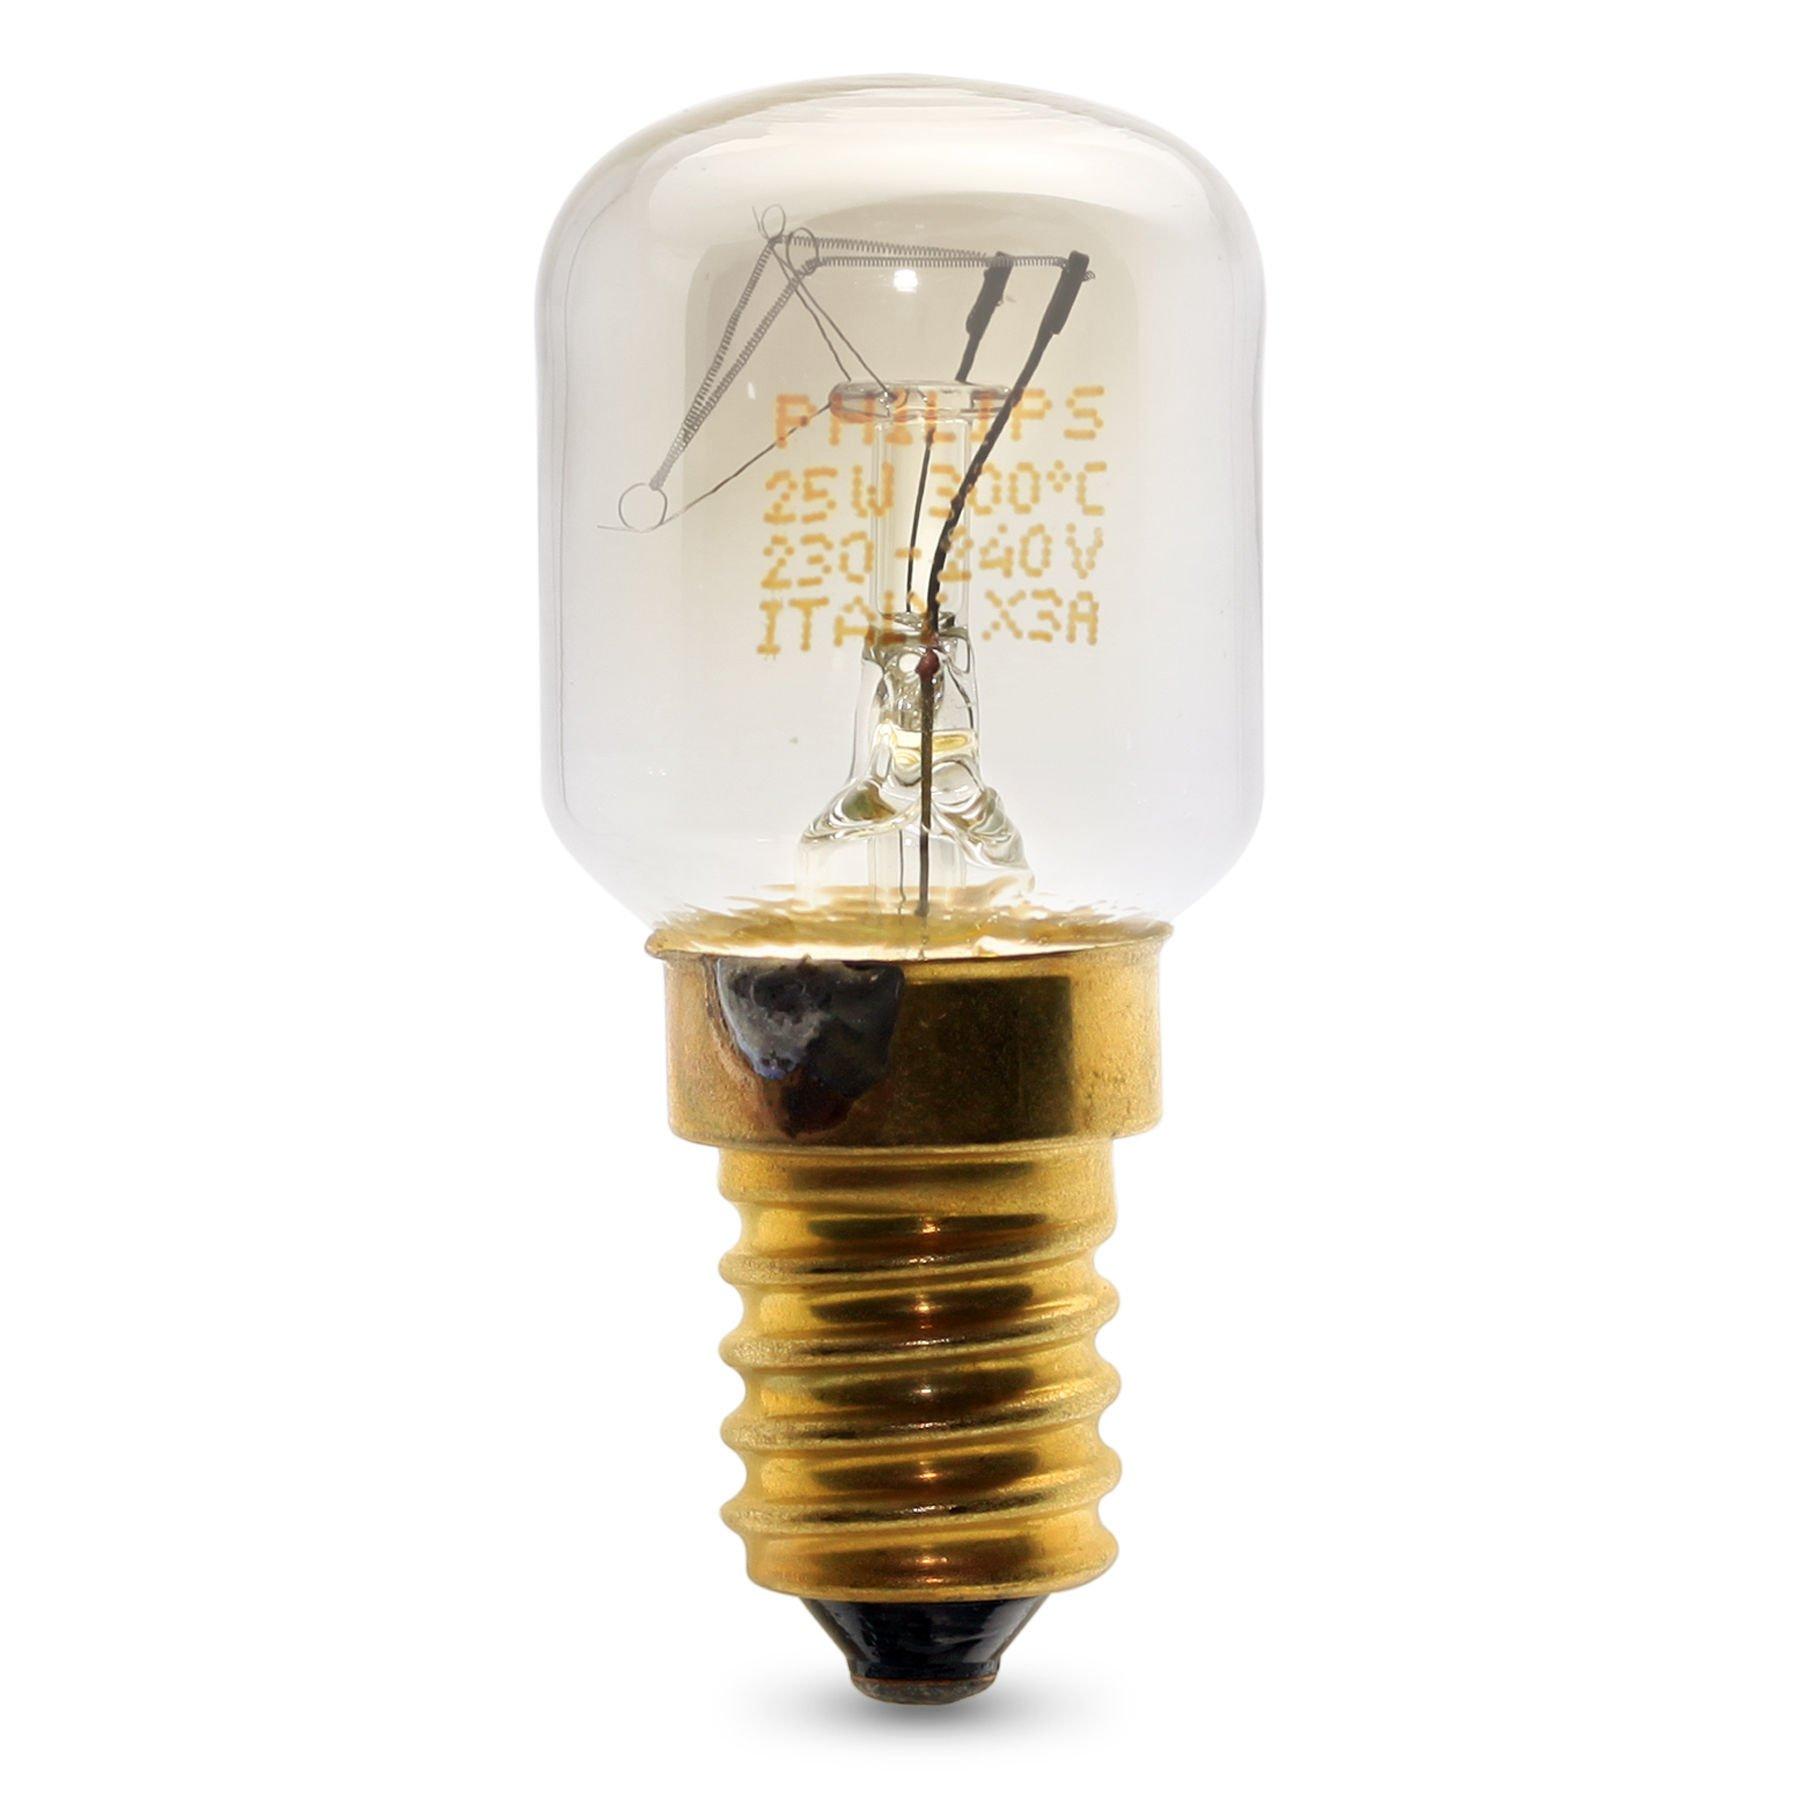 3 x PHILIPS 25 W SES E14 rosca pequeña bombilla lámparas>300 total de usuarios